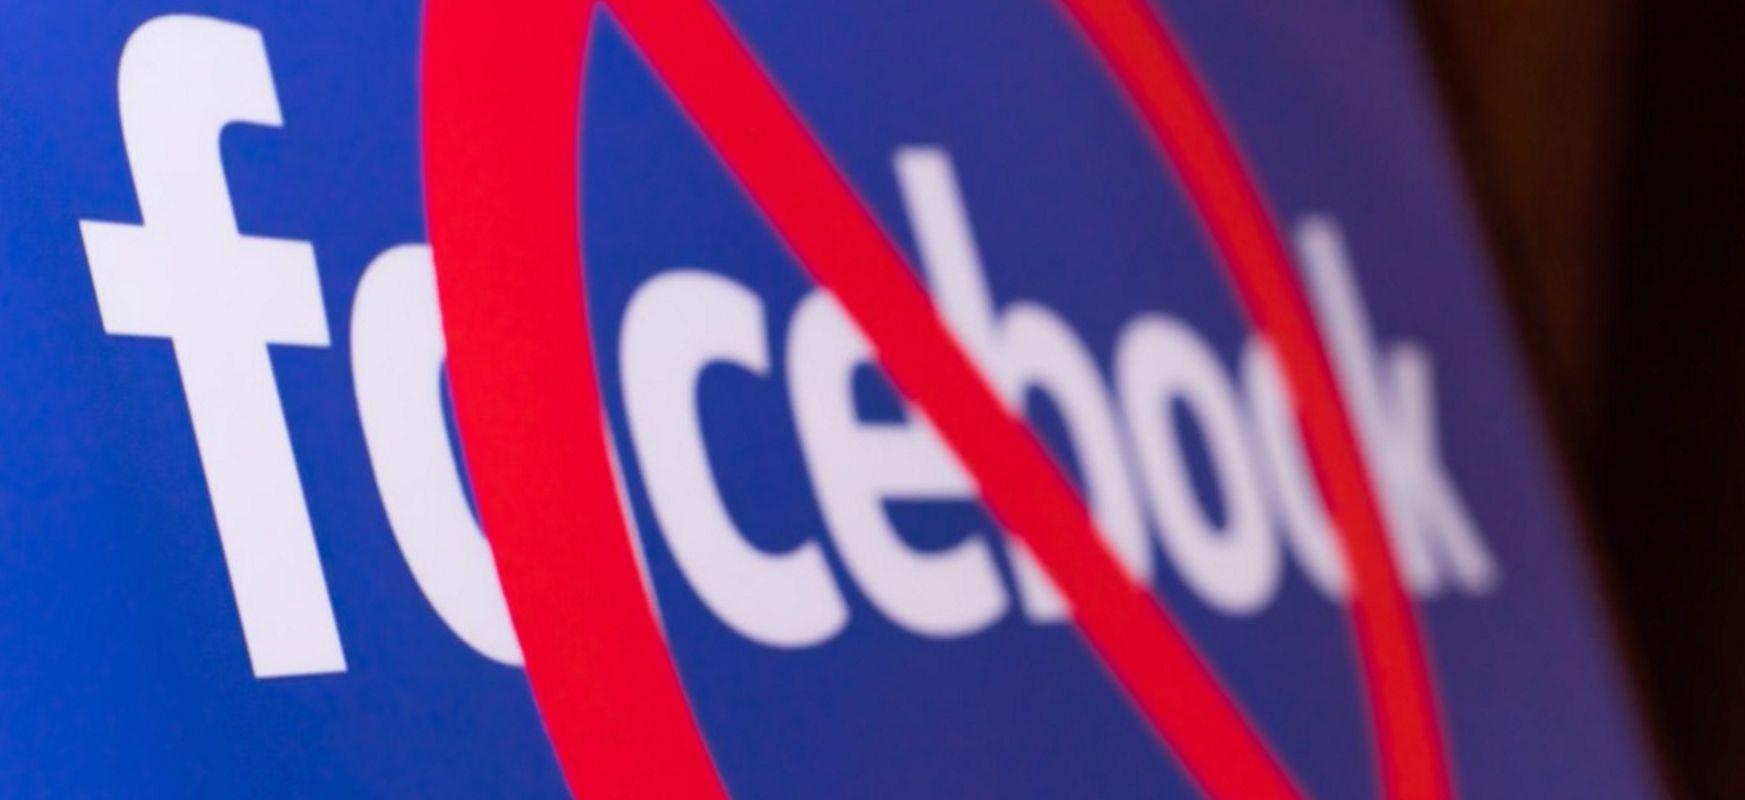 Poloniako politikariek ezin dituzte Facebookeko tresna guztiak erabili.  Hau da berri on bakarra